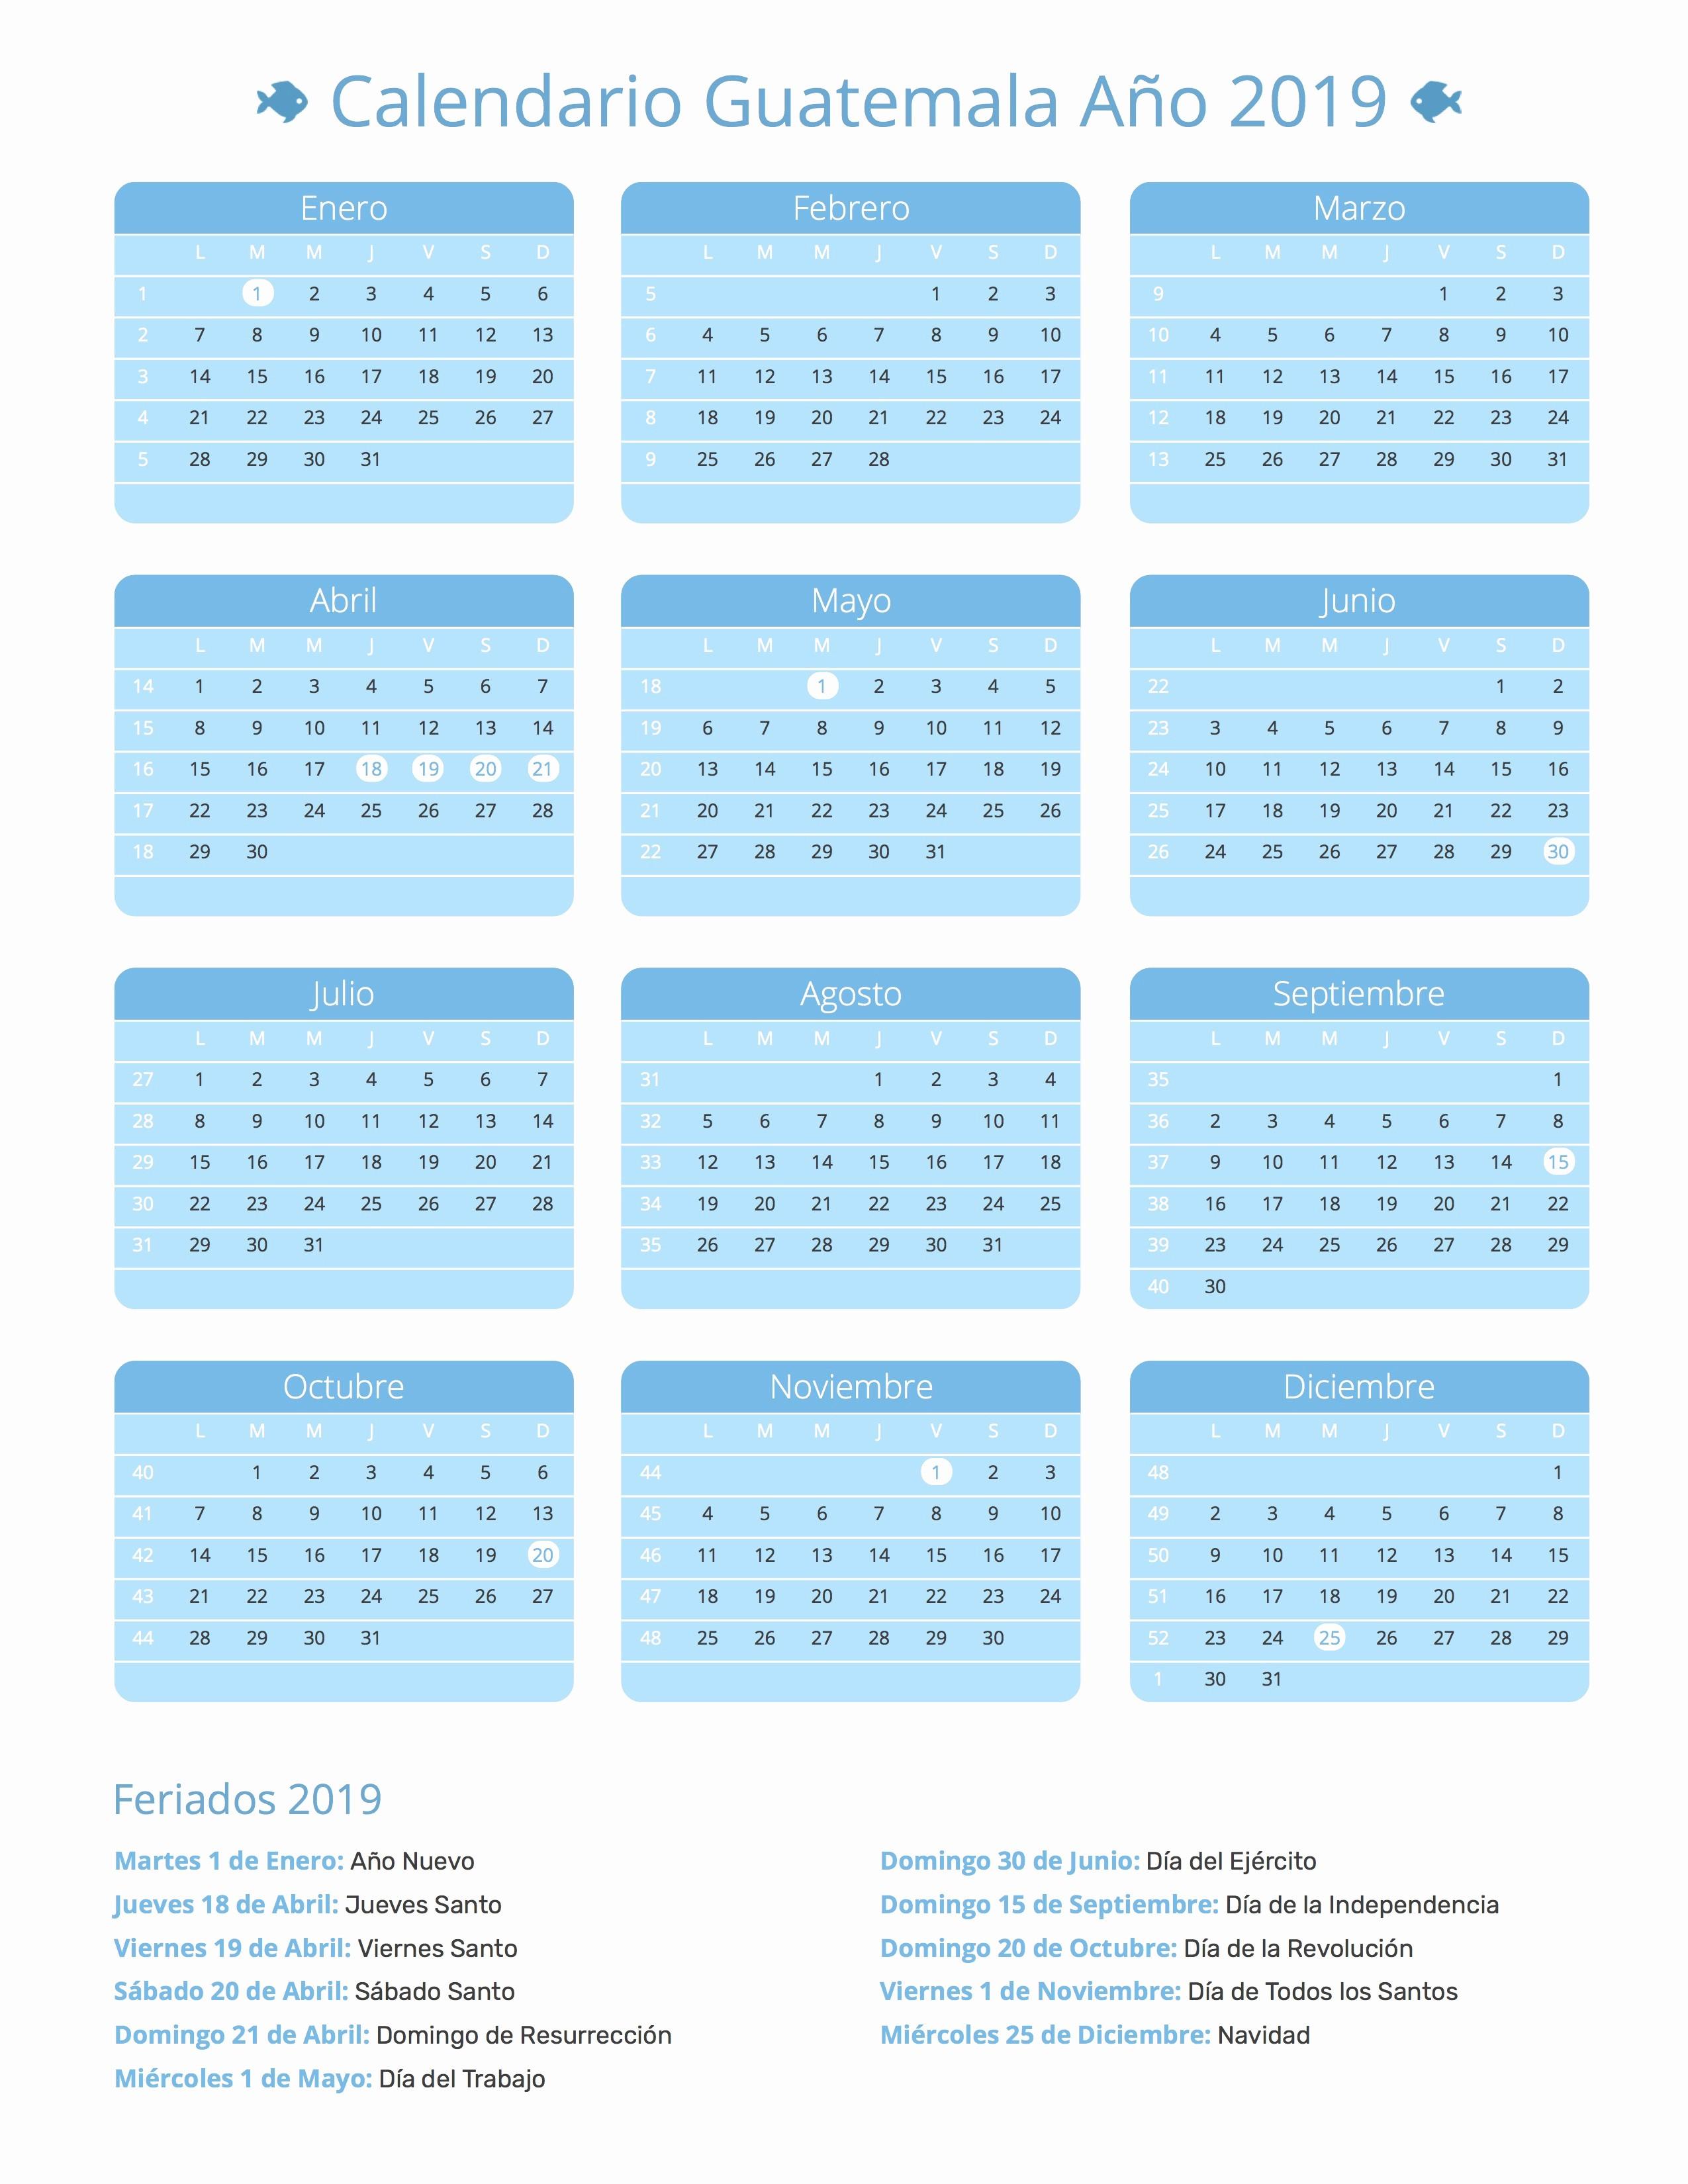 Calendario 2019 Con Festivos Usa Más Actual Calendario De Pared 2019 Granica Macanudo Calendario 2019 Feriados Of Calendario 2019 Con Festivos Usa Más Populares Impresionante 35 Dise±o Calendario E2019